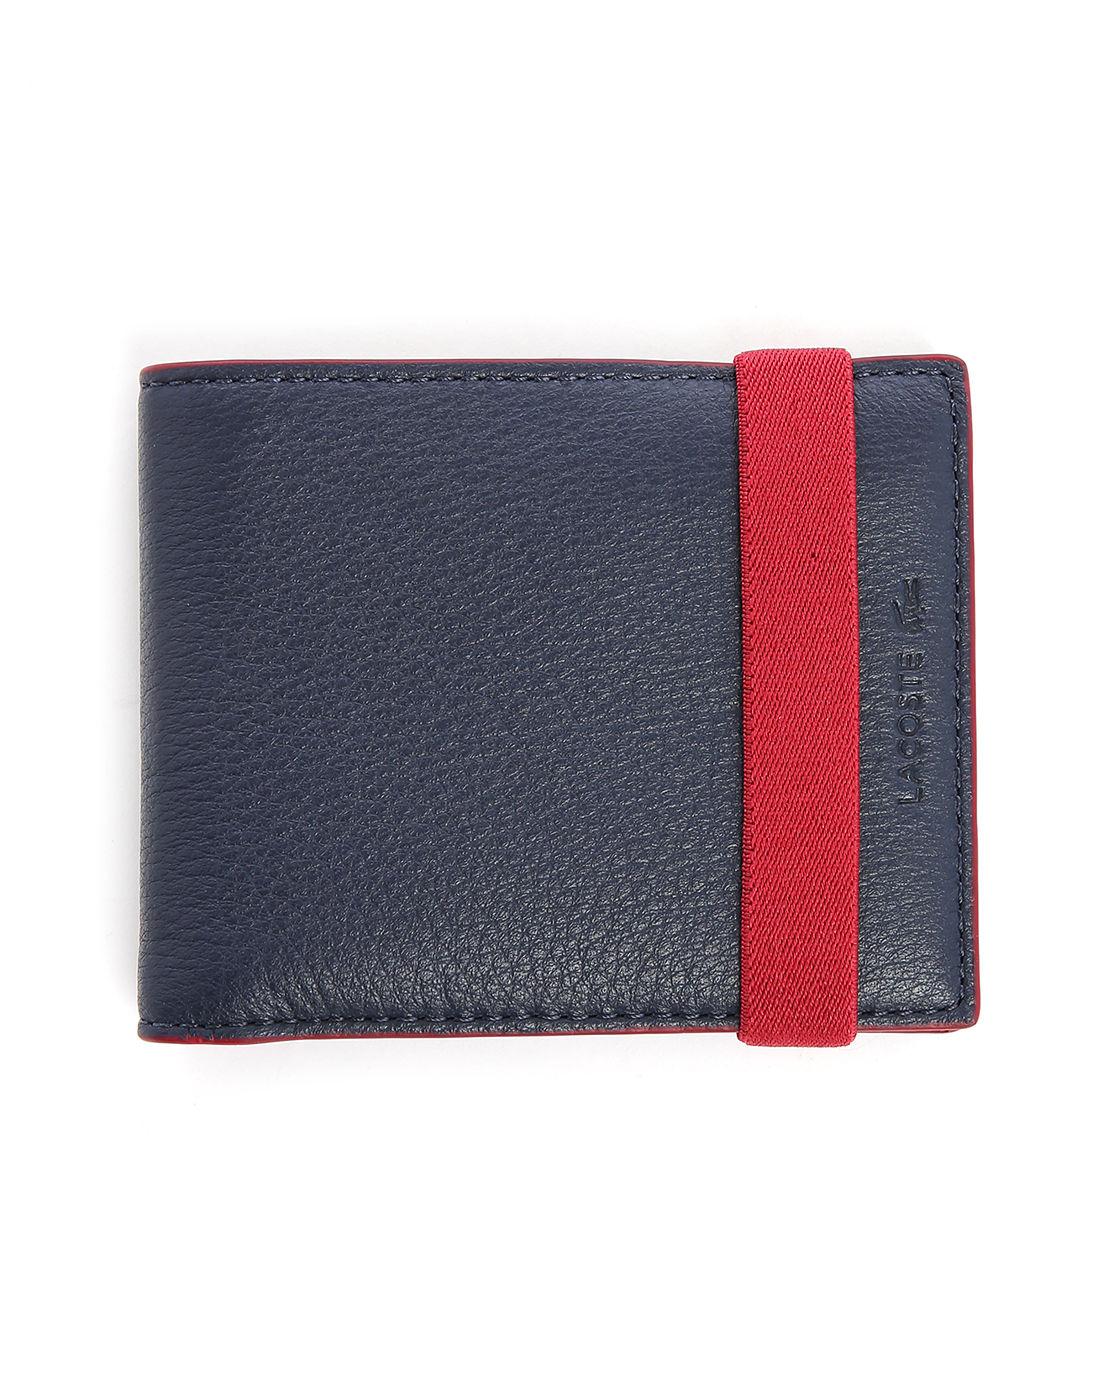 Lacoste Leather Logo Wallet In Blue For Men Lyst